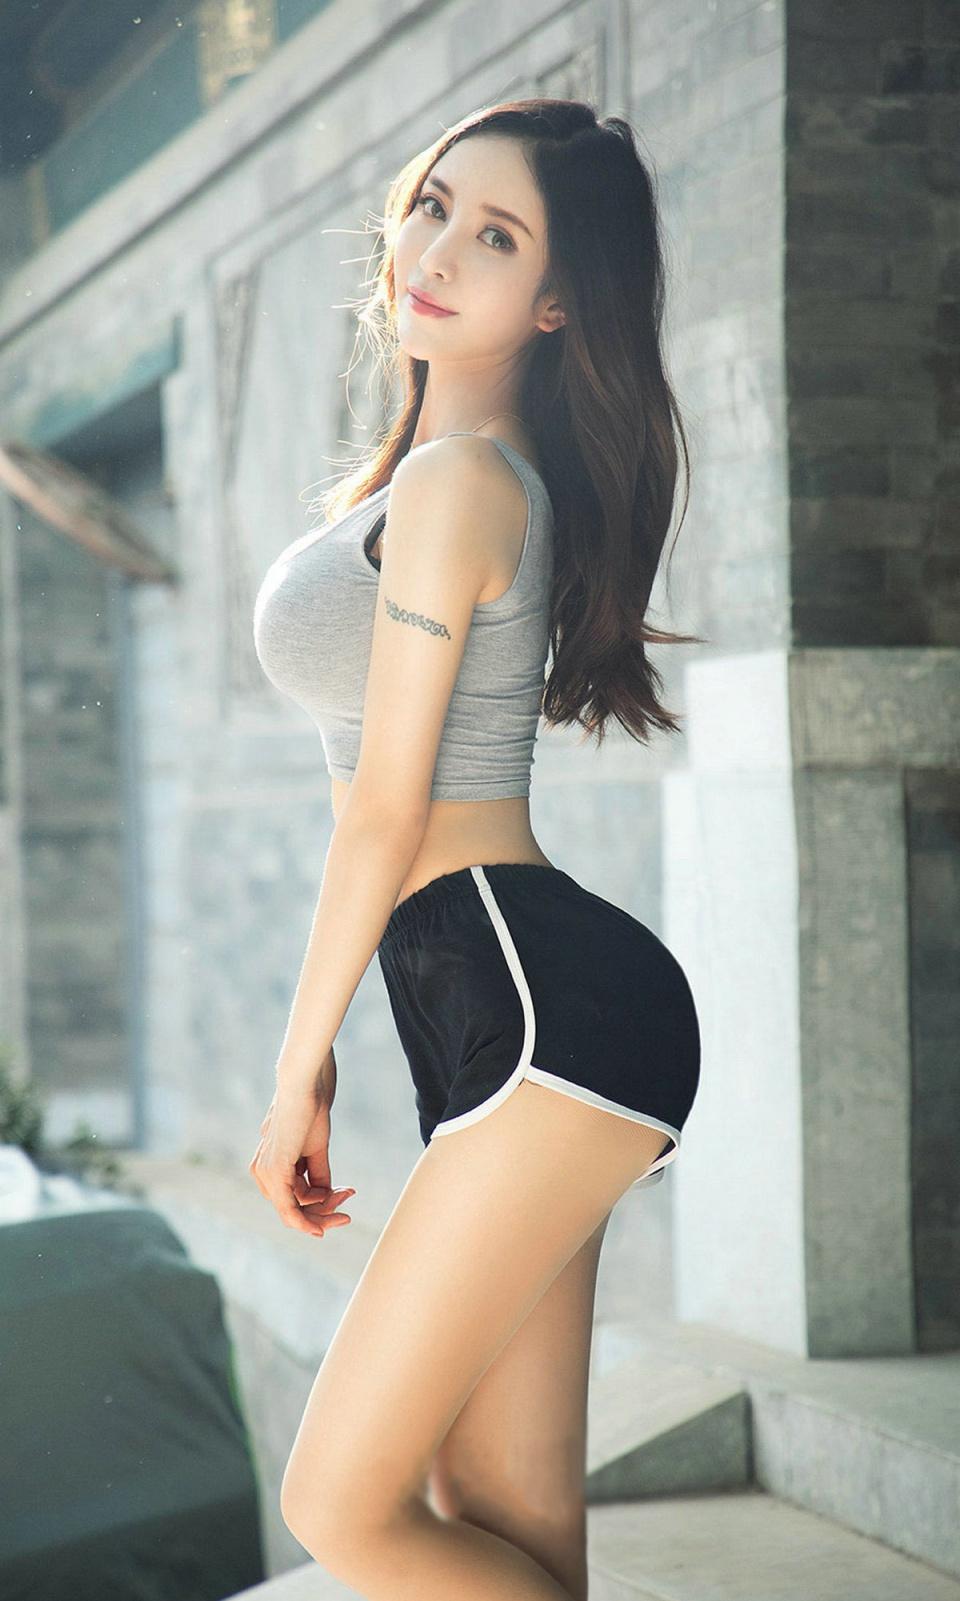 极品和足美女_街拍:极品热裤美女,赚足了回头率!